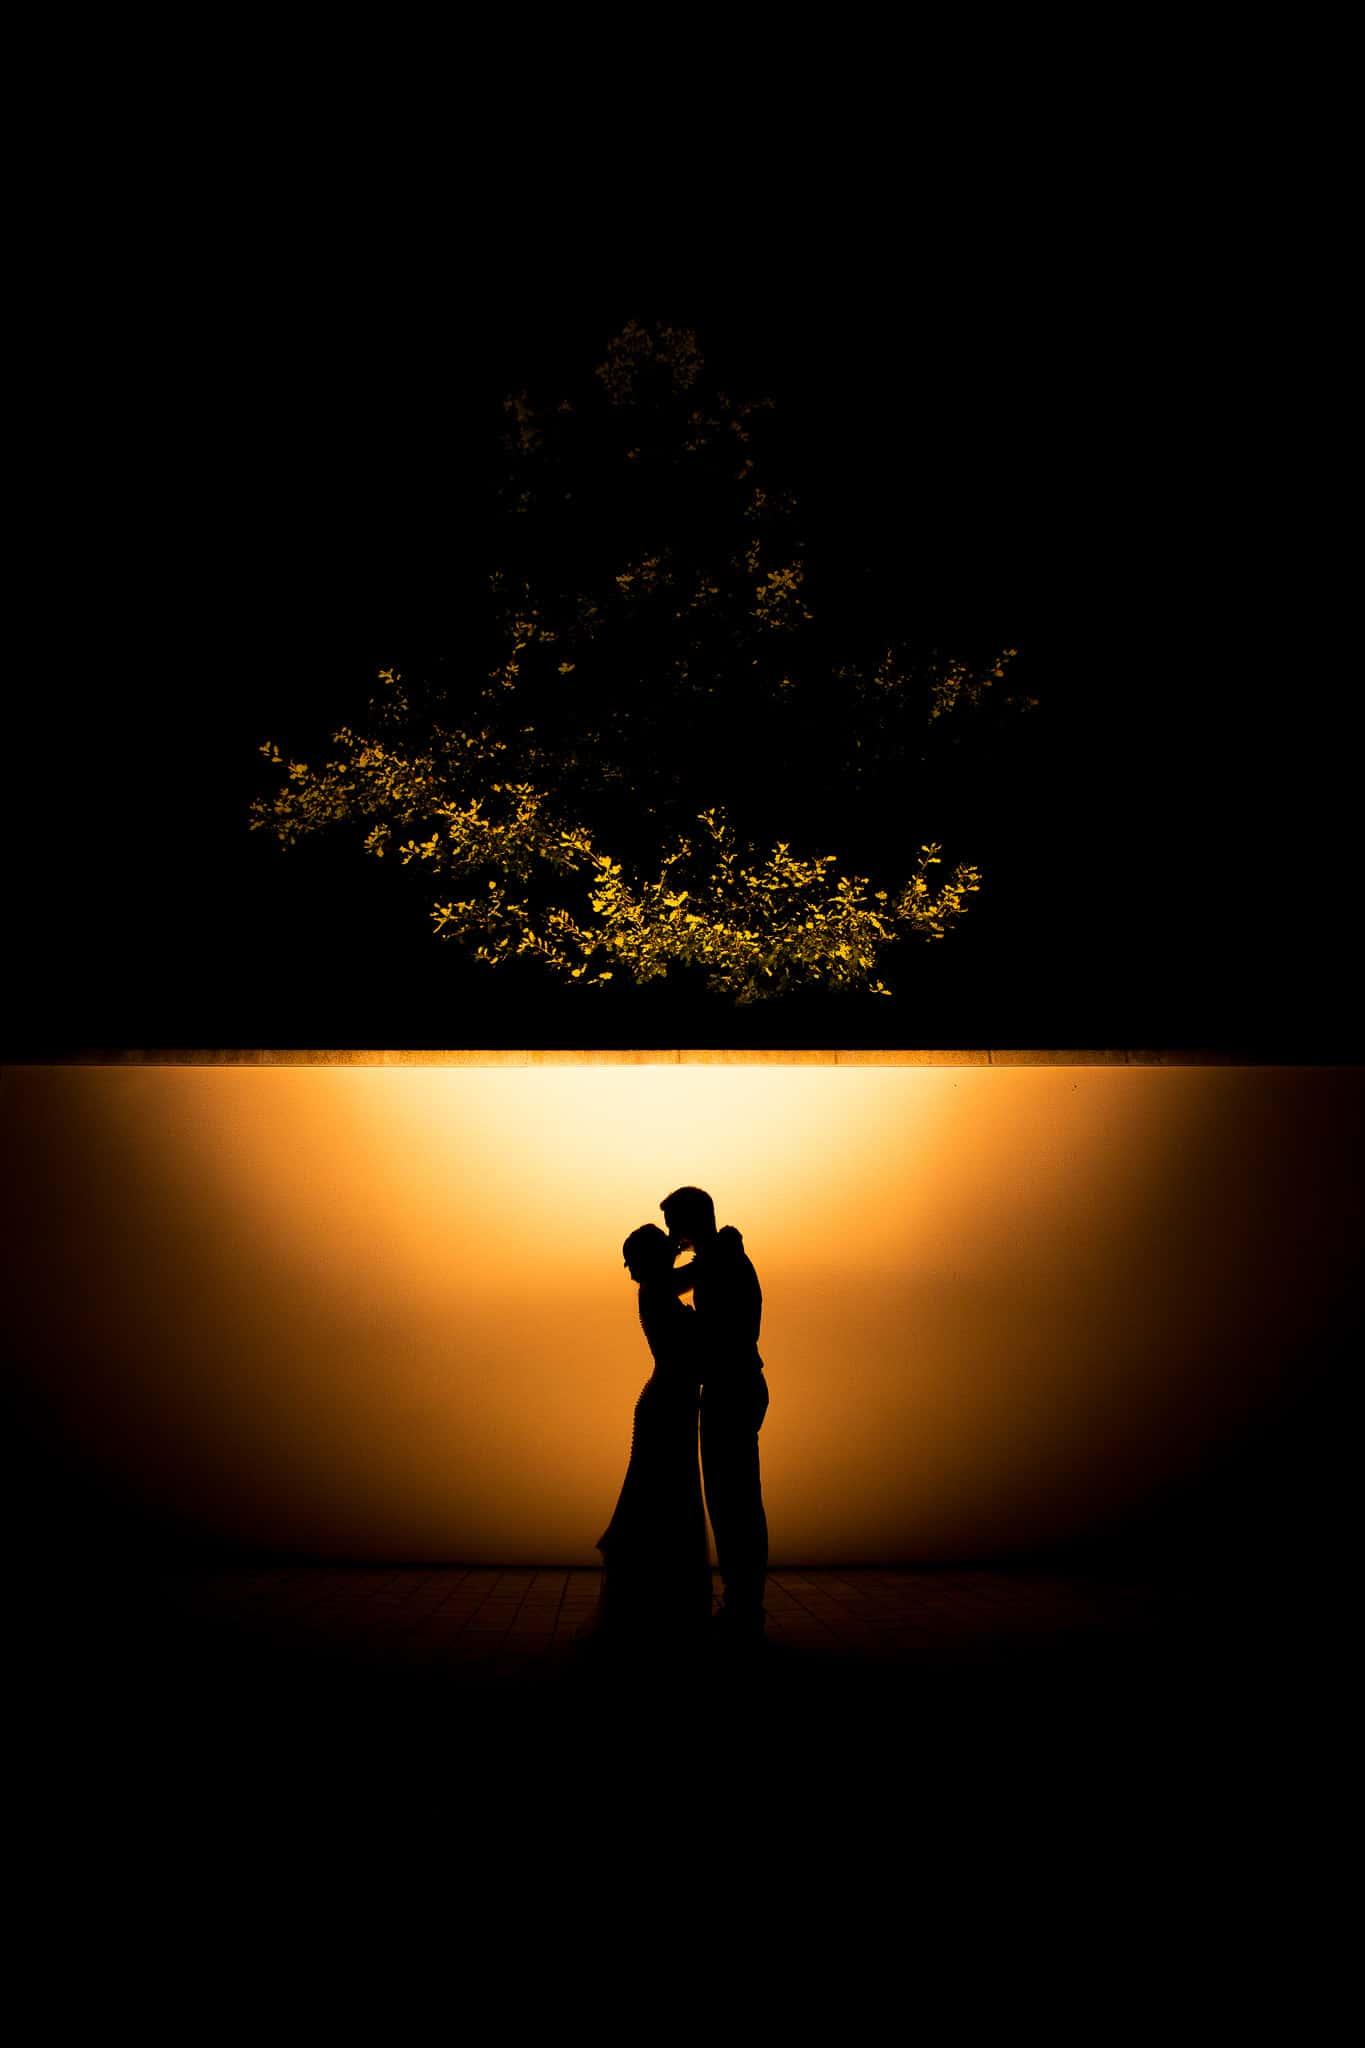 Paar steht vor einer Wand - Silhouette